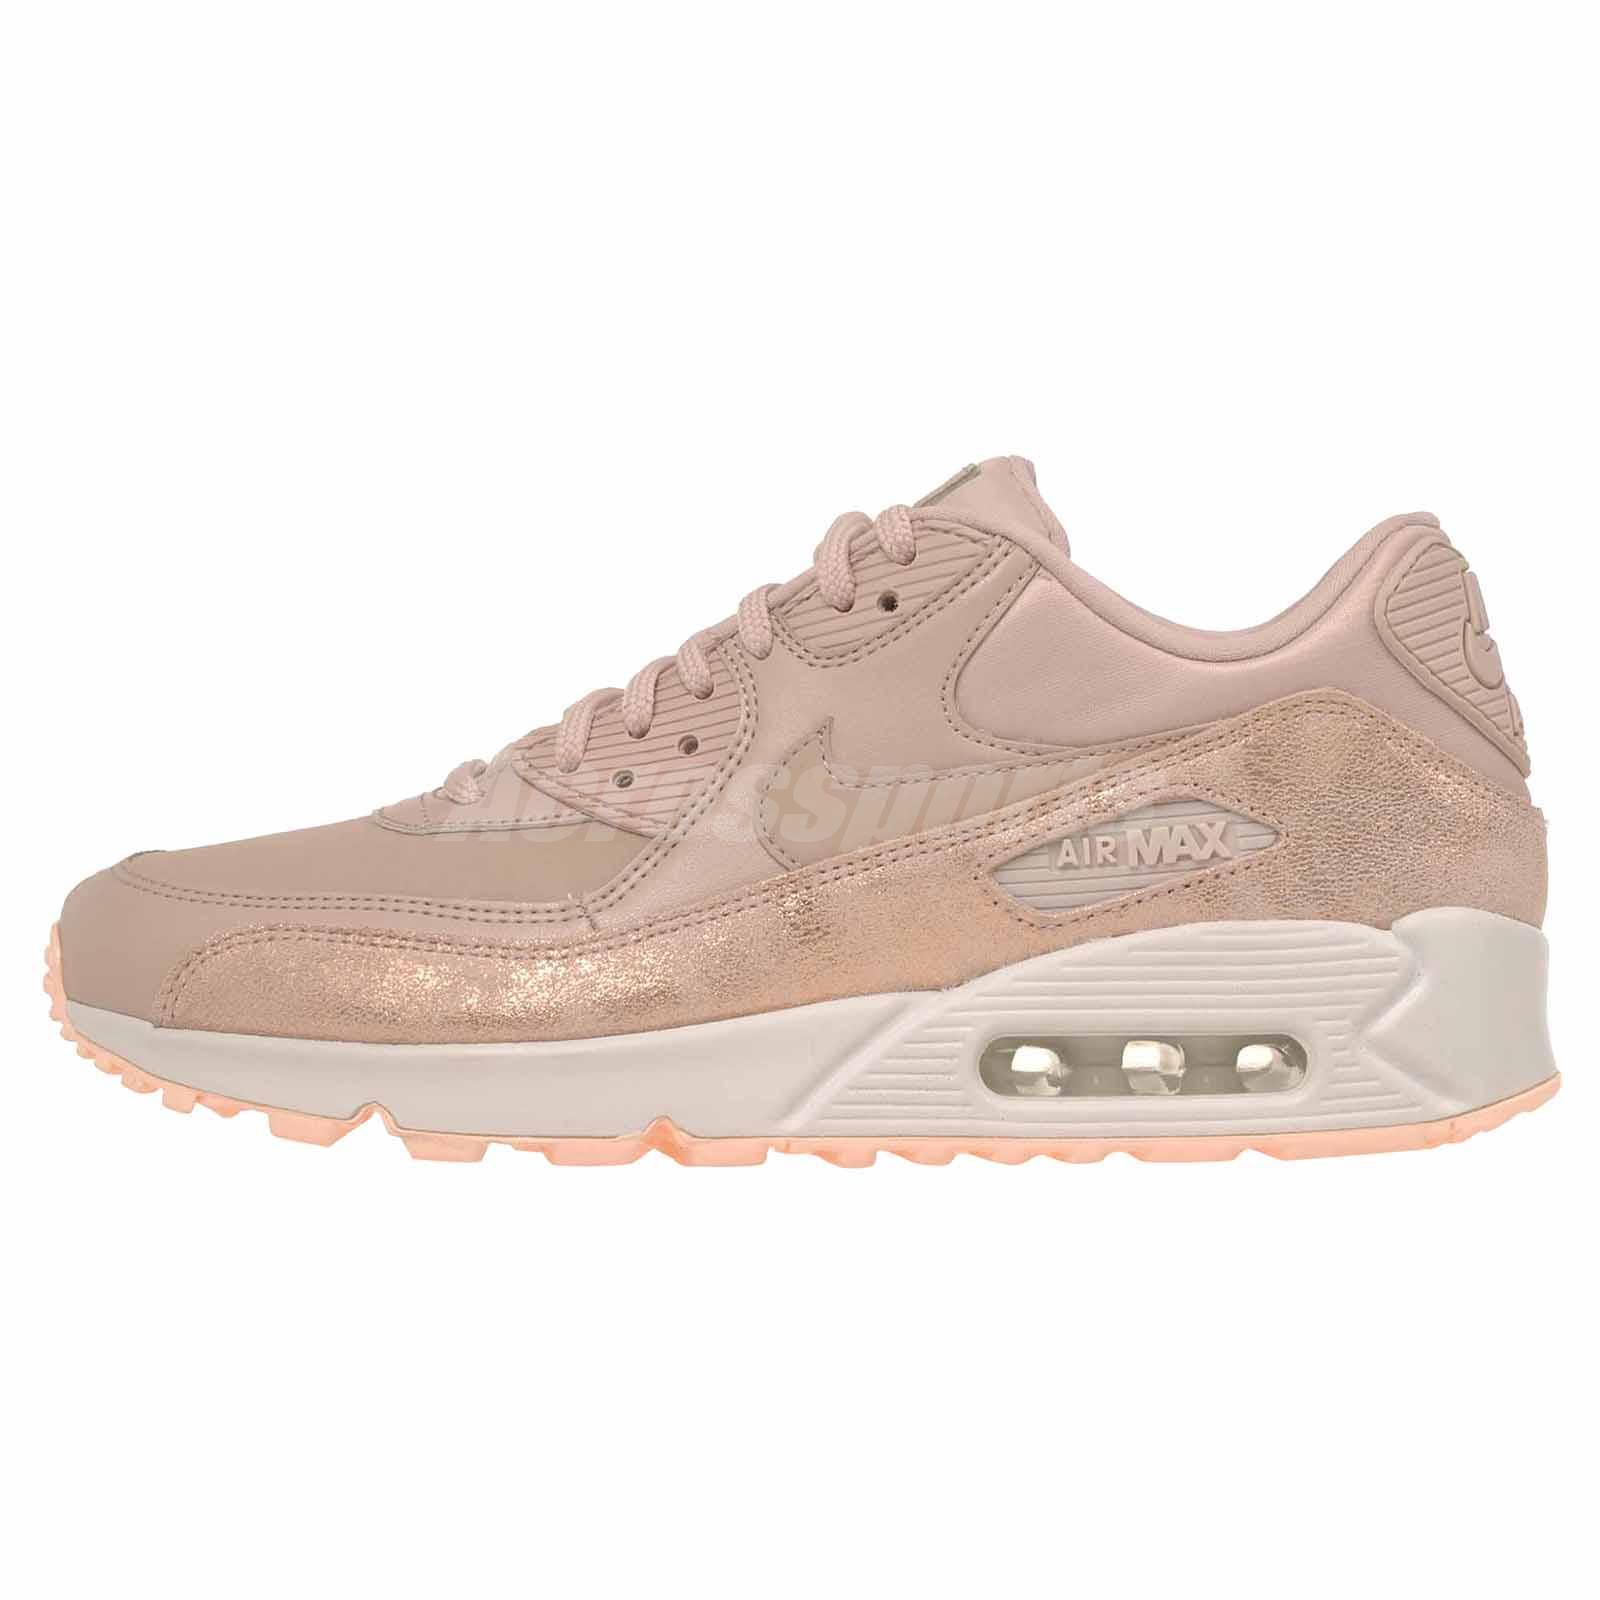 Detalles acerca de Nike Wmns Air Max 90 PRM Running Mujer Zapatos Beige Nuevo Sin Caja 896497 201 mostrar título original